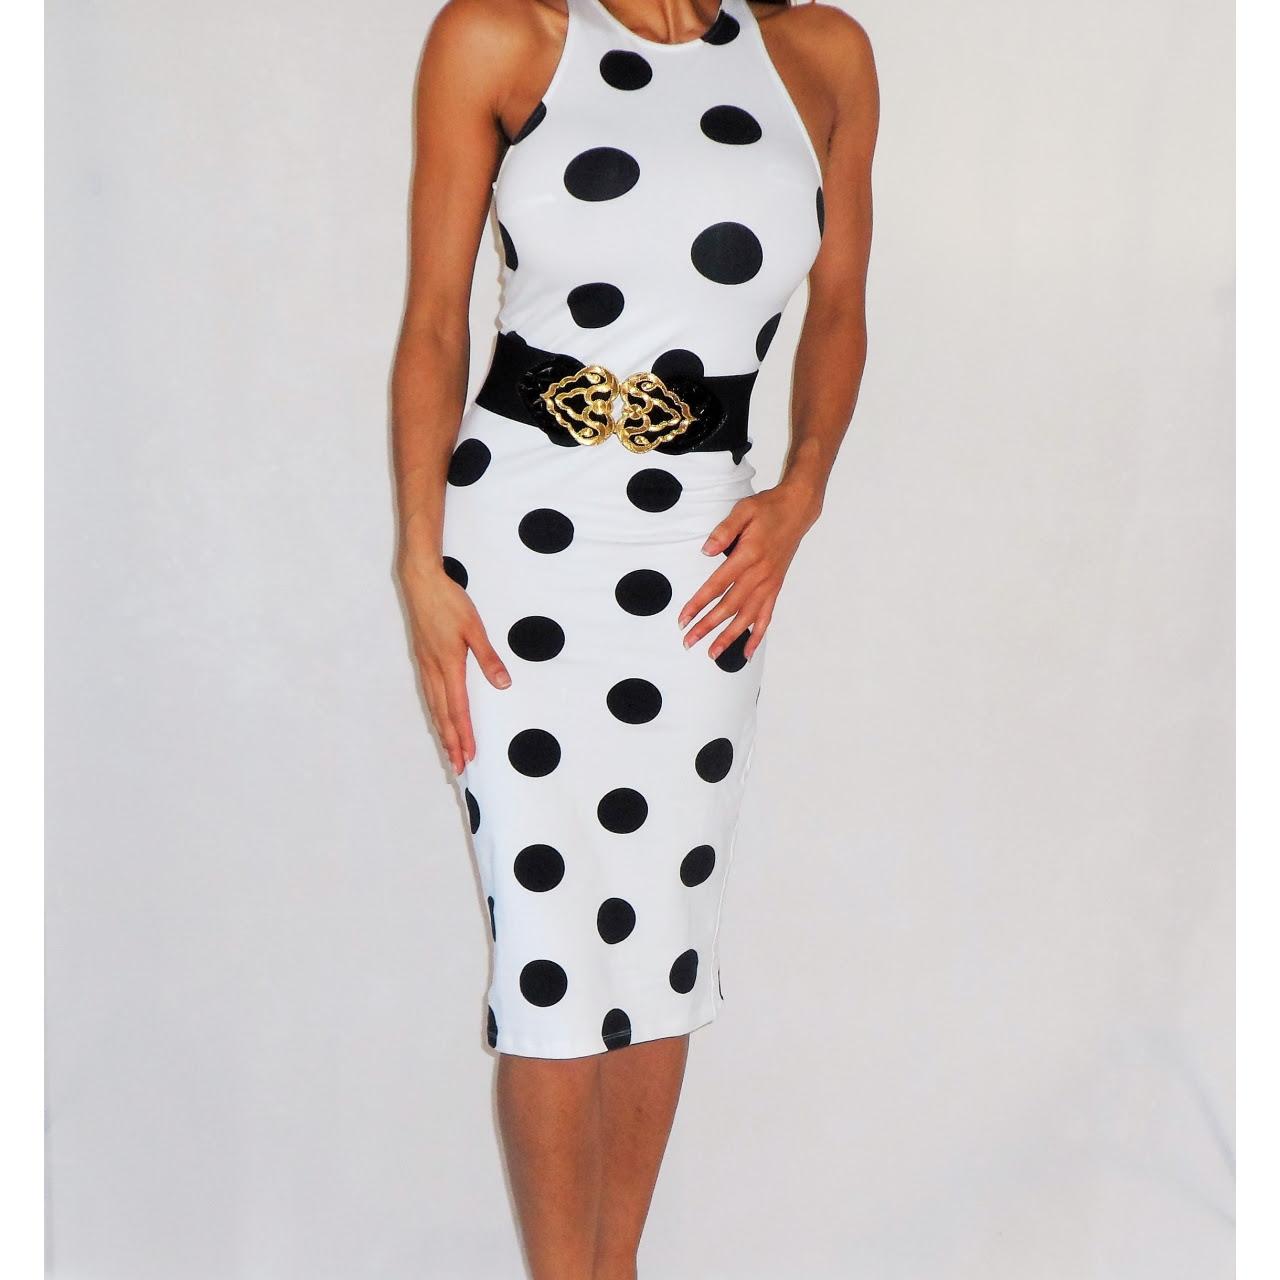 Black and white polka dot midi dress chart